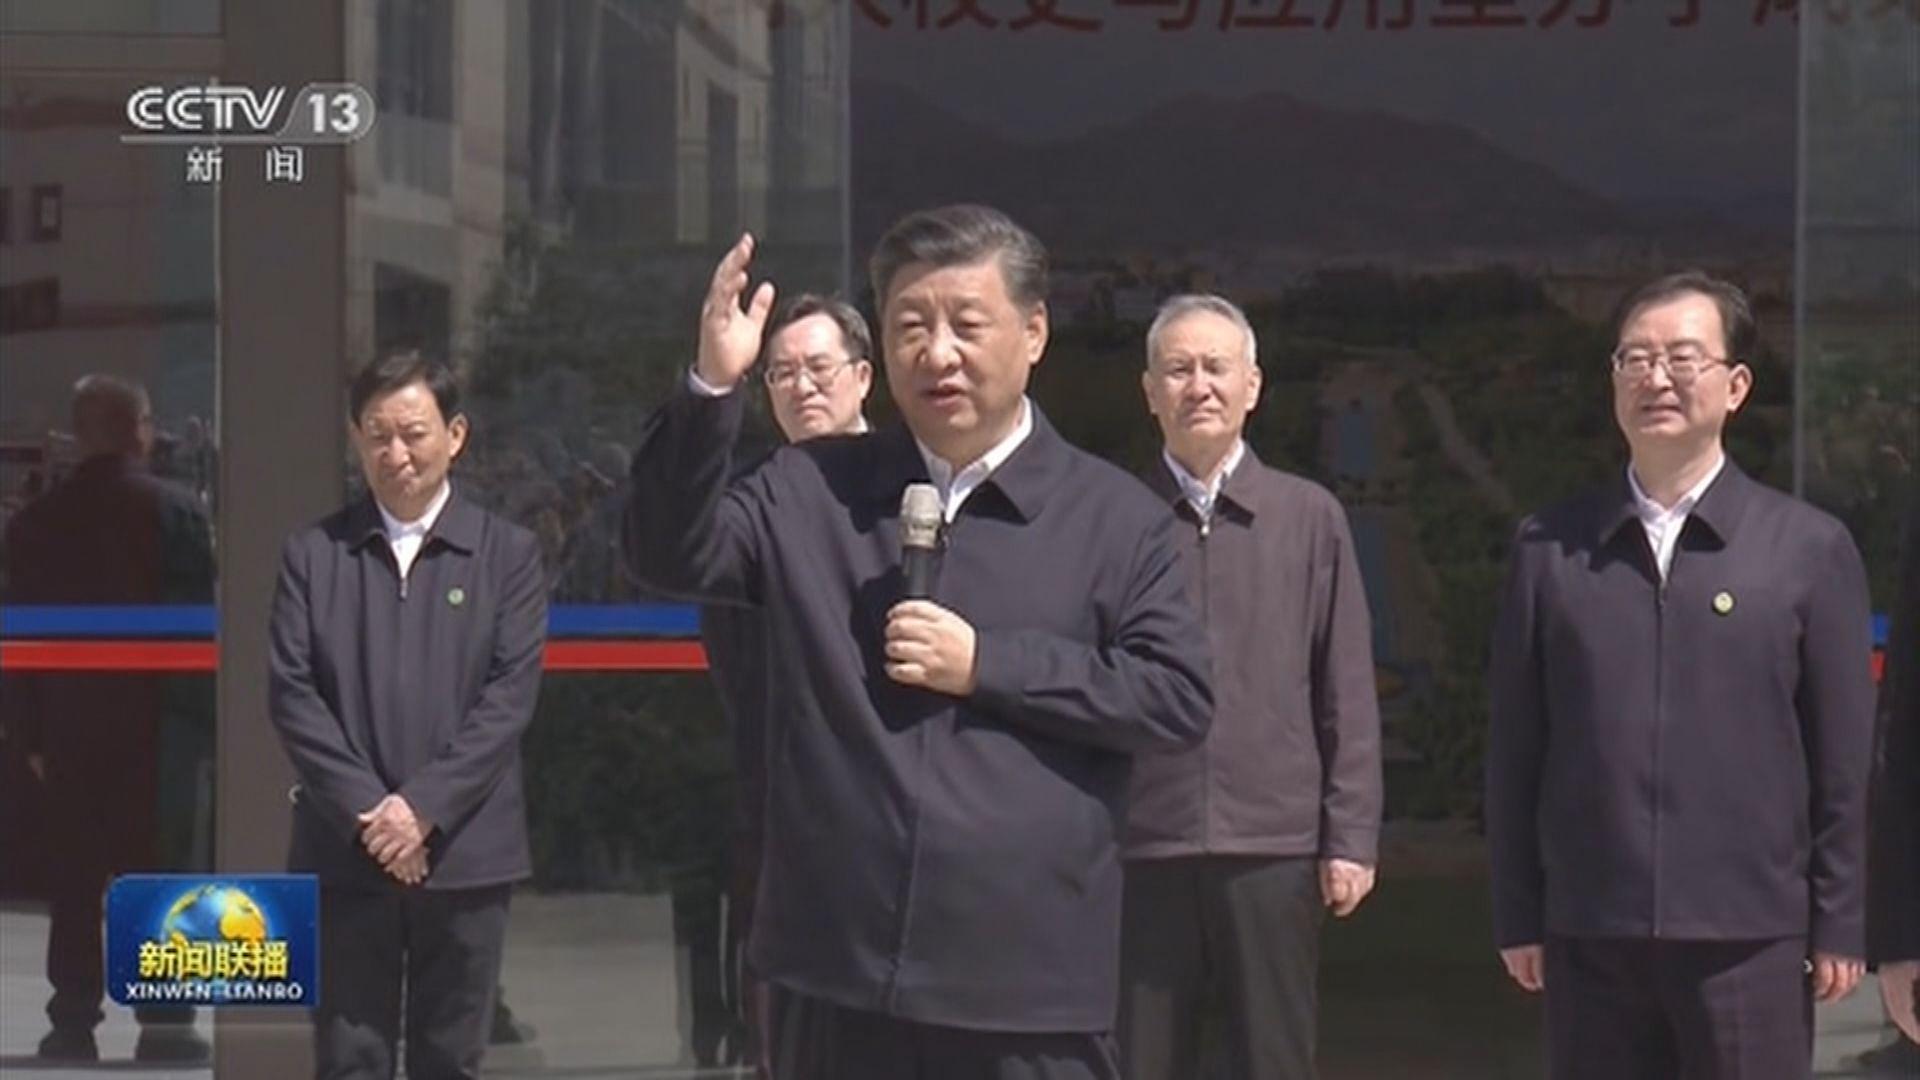 習近平:落實黨中央決策部署 穩中求進工作總基調